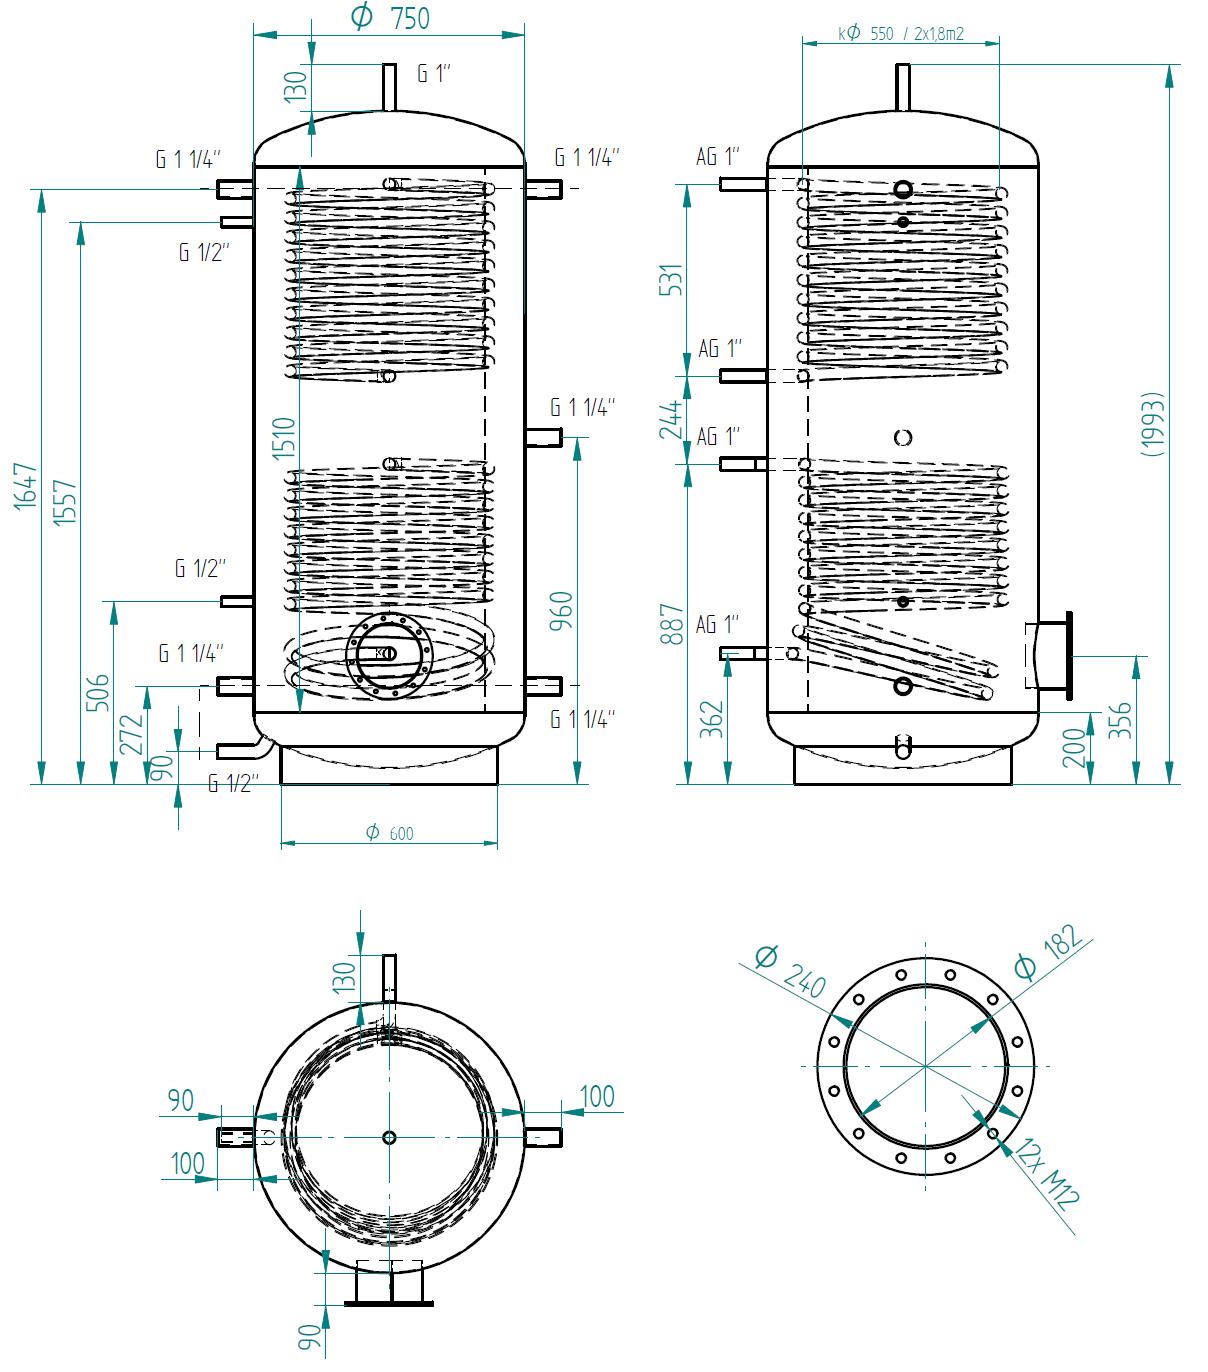 Akumulačná nádrž 750l s 2 výmenníkmi